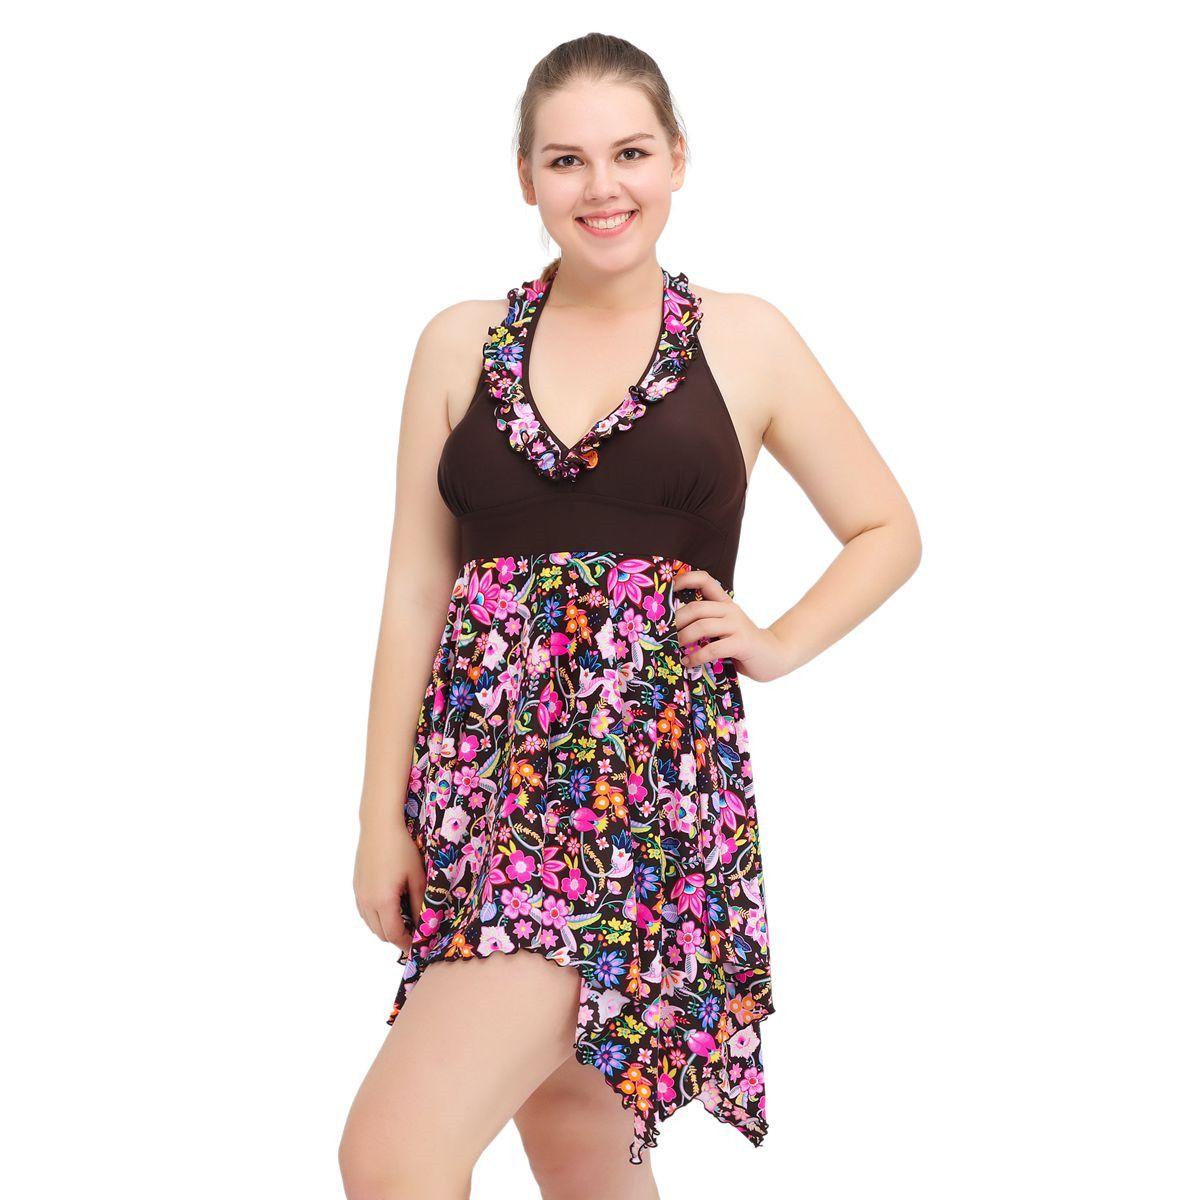 Nueva Flores del verano ropa de playa purole de trajes de baño de alta calidad de las mujeres del traje de baño de deportes acuáticos de tiras con el pecho trajes de dos piezas